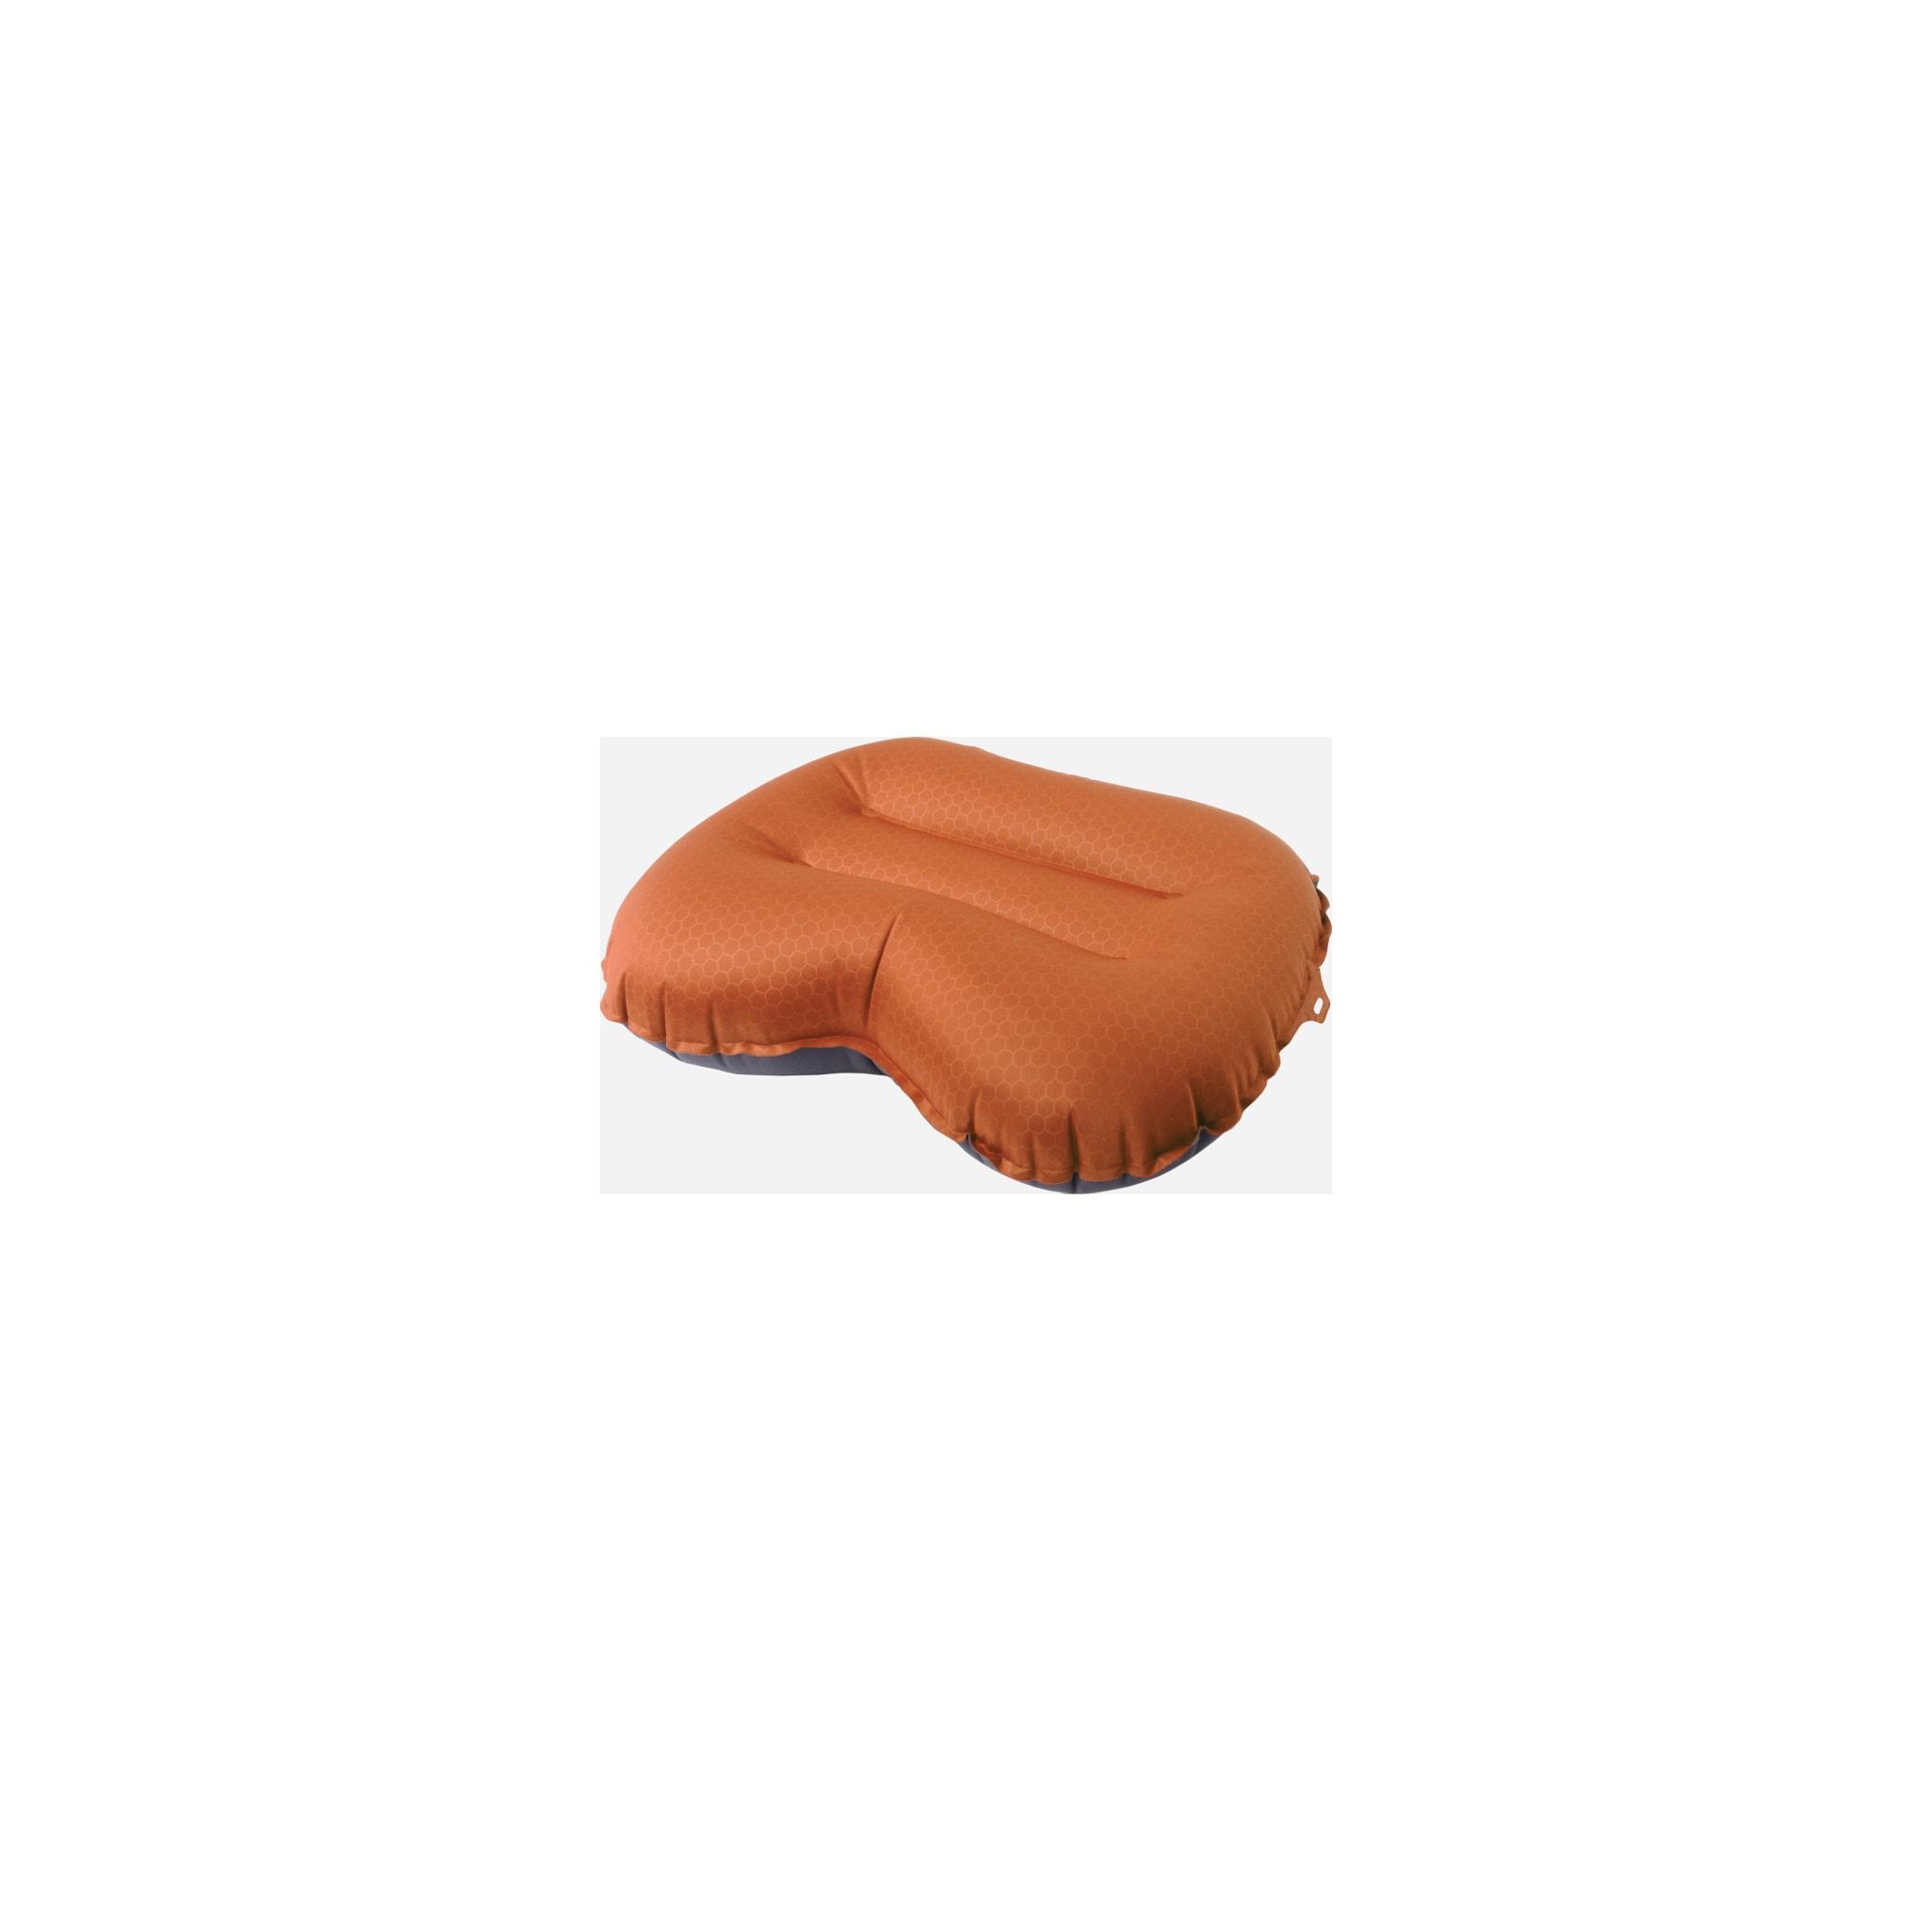 Lett, rimelig og komfortabel oppblåsbar pute.